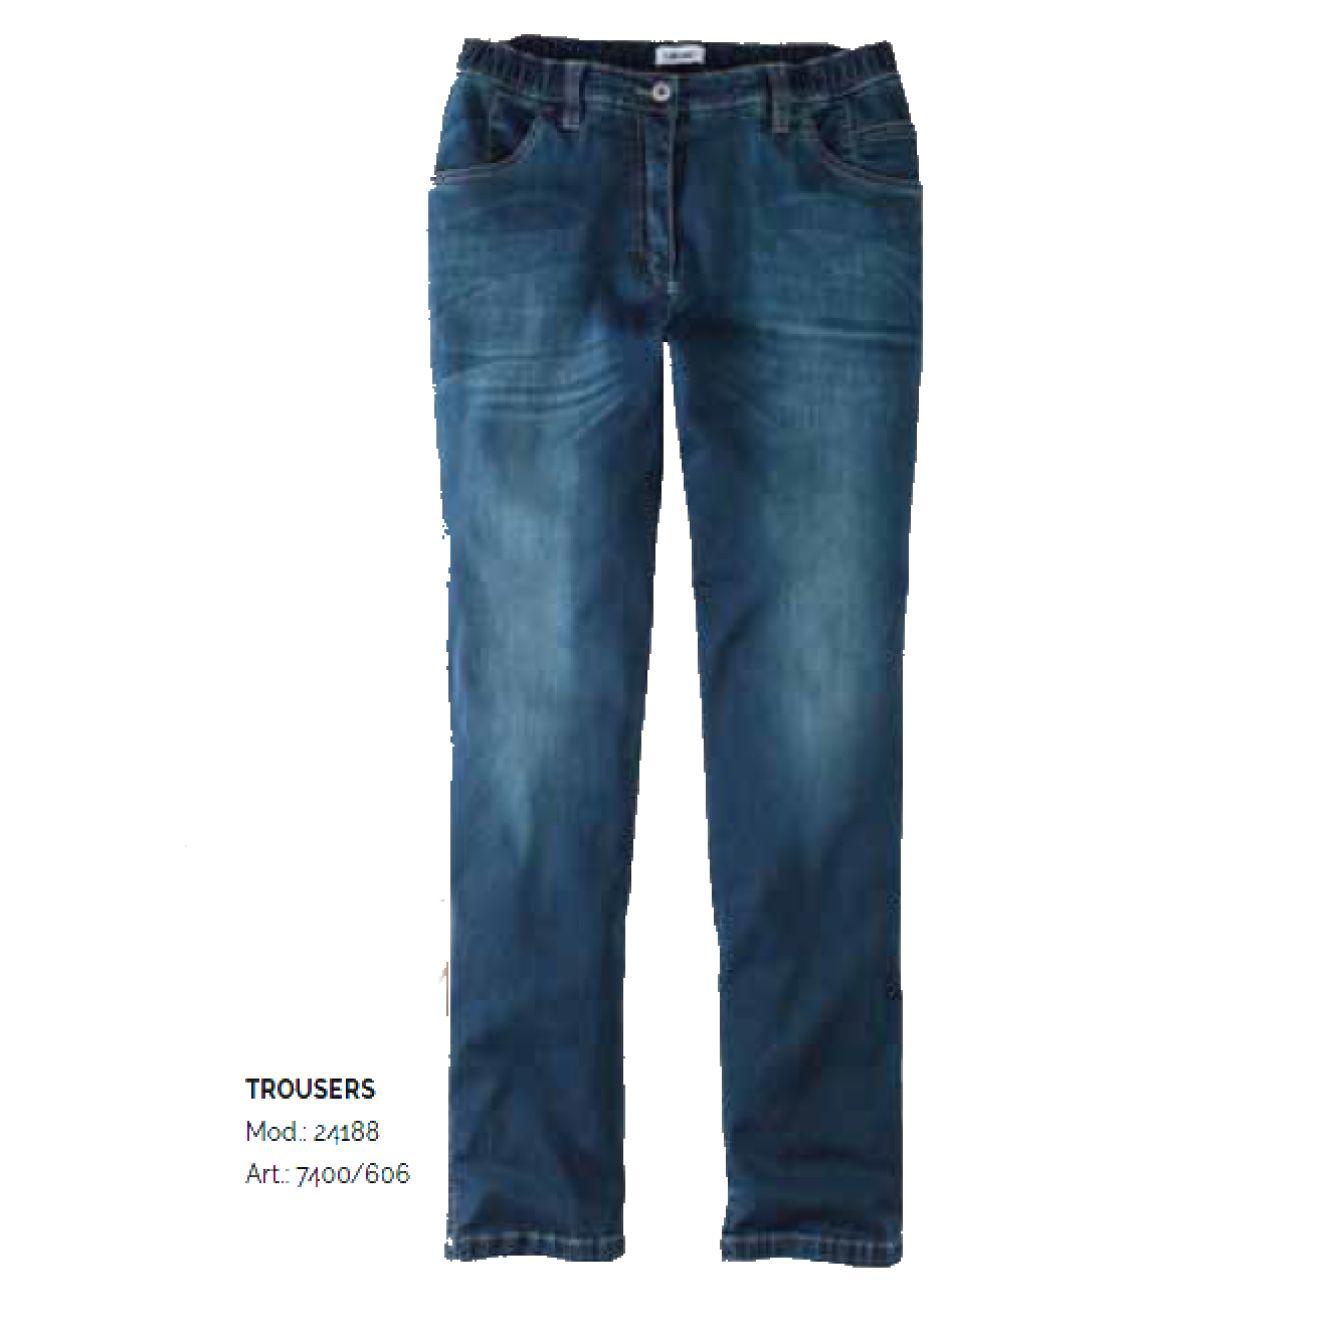 KjBRAND Quer Stretch (used wash) Damenjeans BETTY CS RÖHRE, SLIM LEG (schlanke Oberschenkel & Beine) XXL Größe 38 58, 38K 58K (7400 24188)